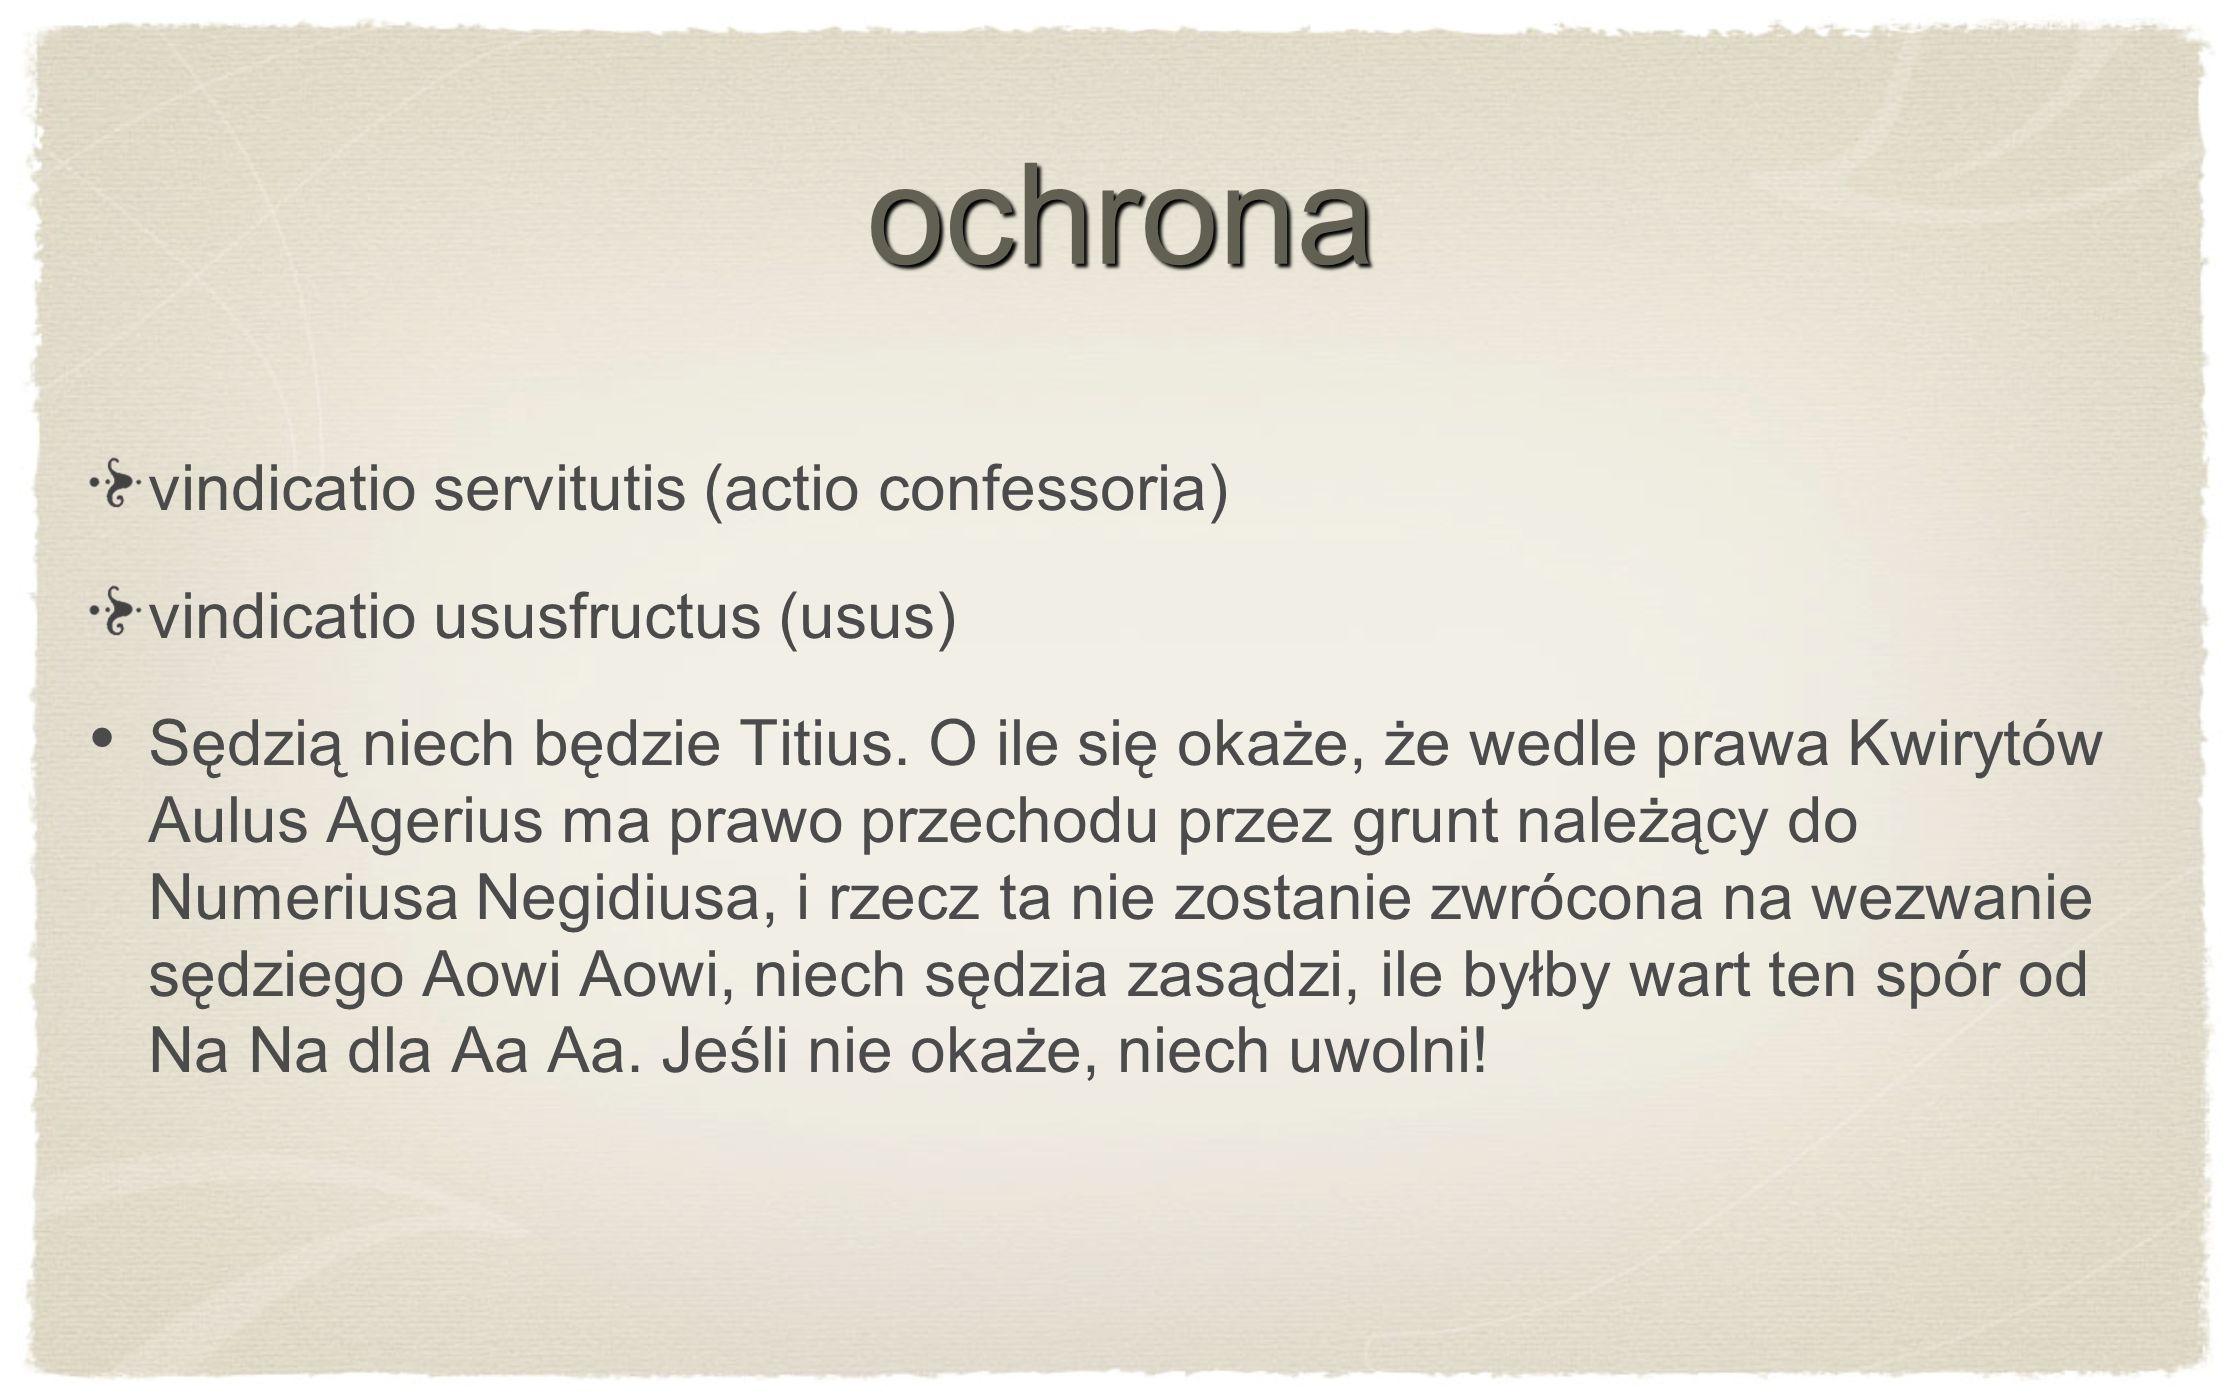 ochrona vindicatio servitutis (actio confessoria) vindicatio ususfructus (usus) Sędzią niech będzie Titius. O ile się okaże, że wedle prawa Kwirytów A